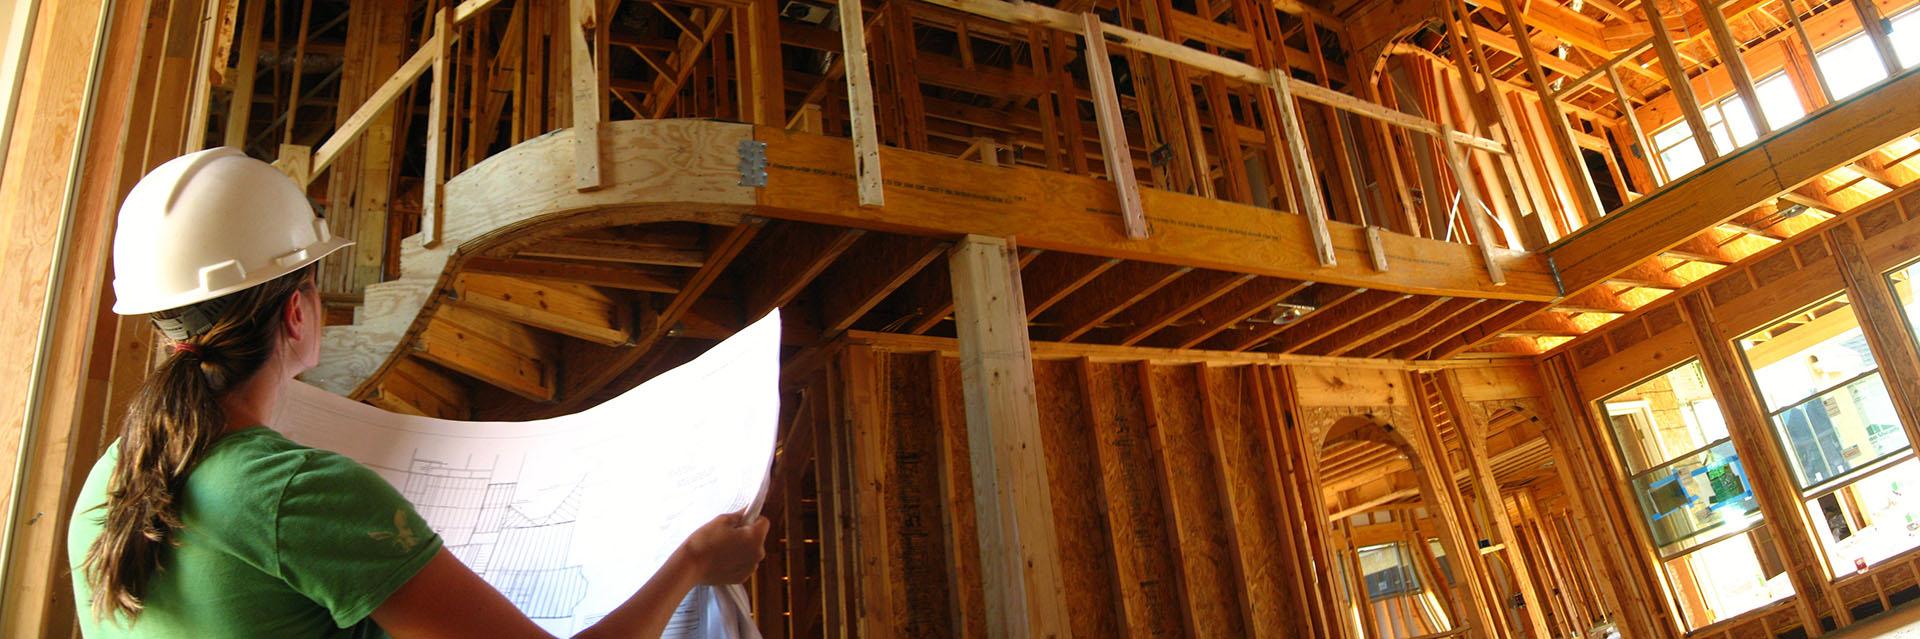 erica-wood-frame